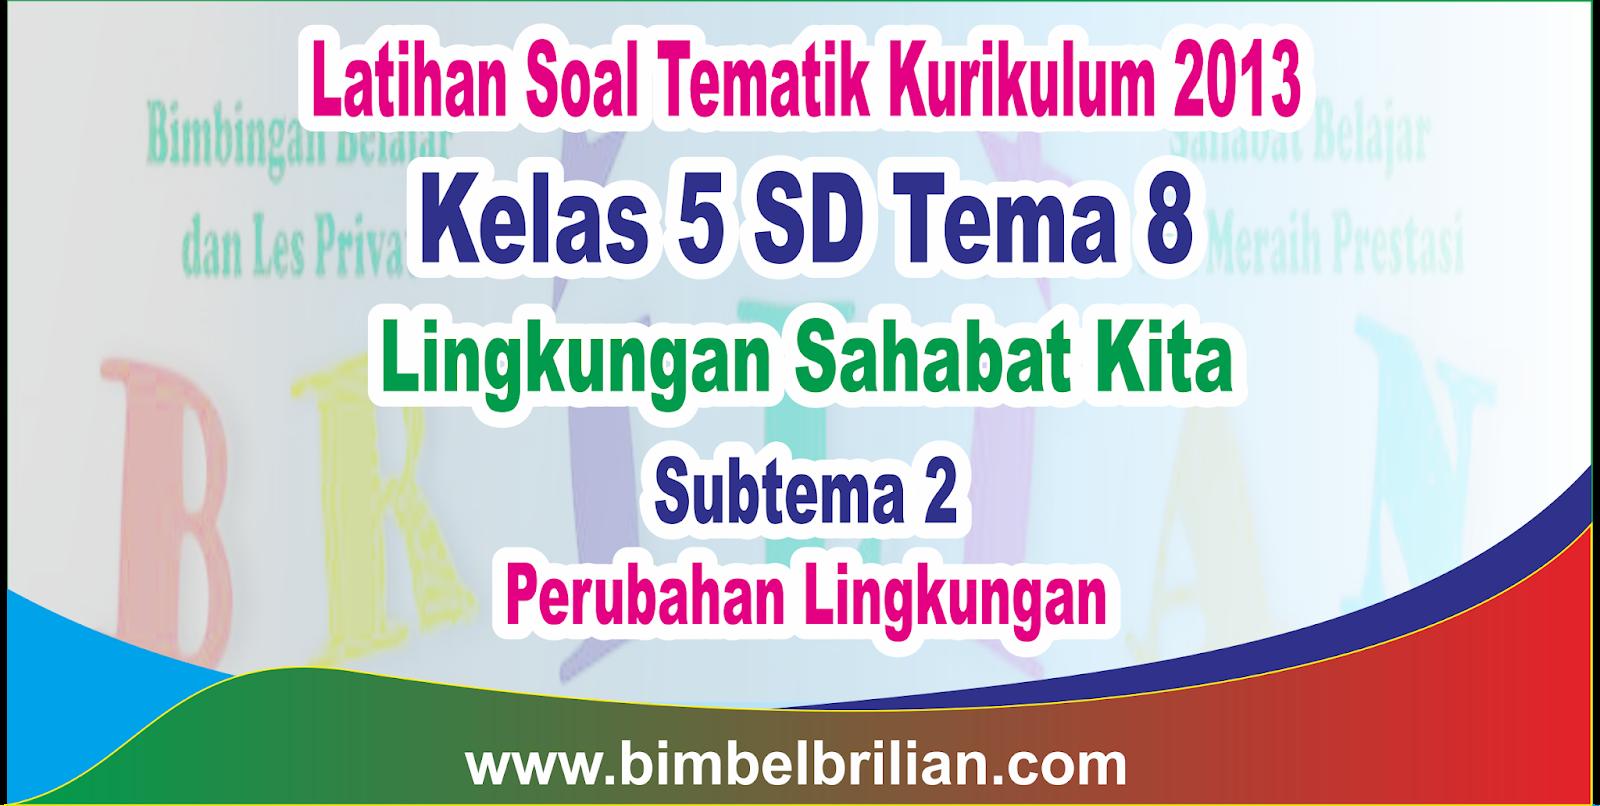 Soal Tematik Kelas 5 SD Tema 8 Subtema 2 Perubahan Lingkungan dan Kunci Jawaban | Bimbel Brilian